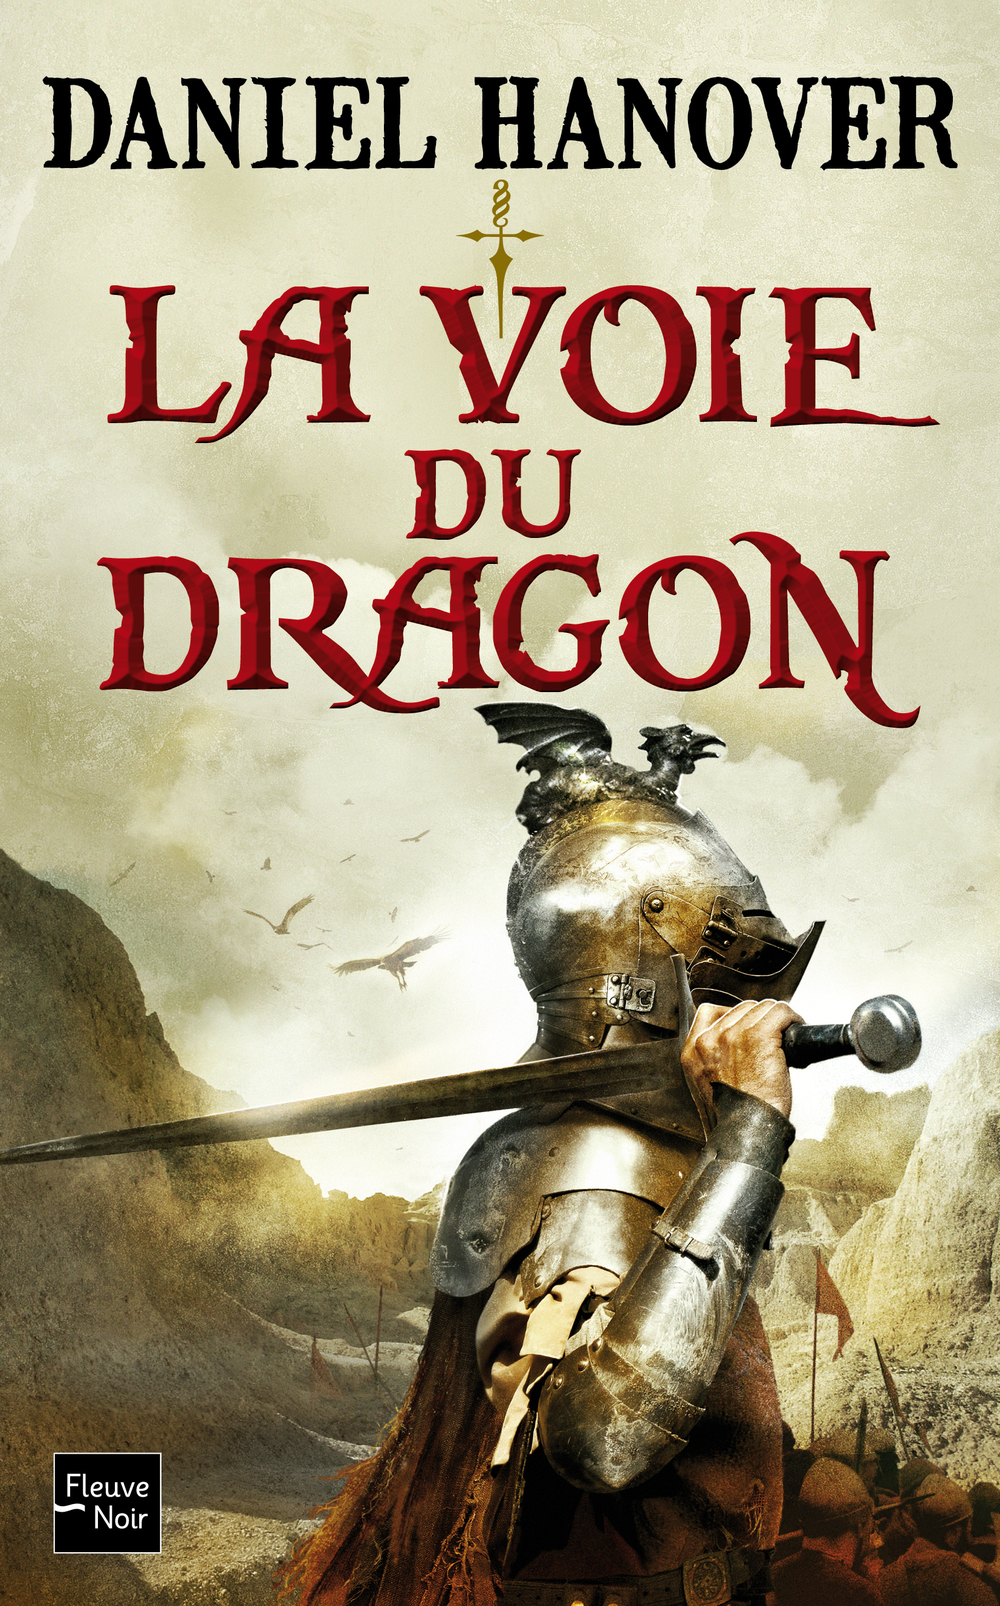 Voie_dragon(1).jpg